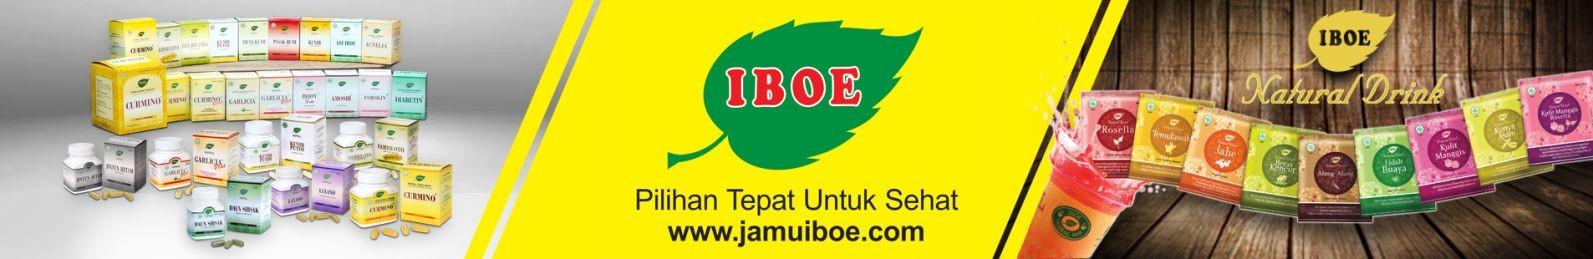 Jamu IBOE Official